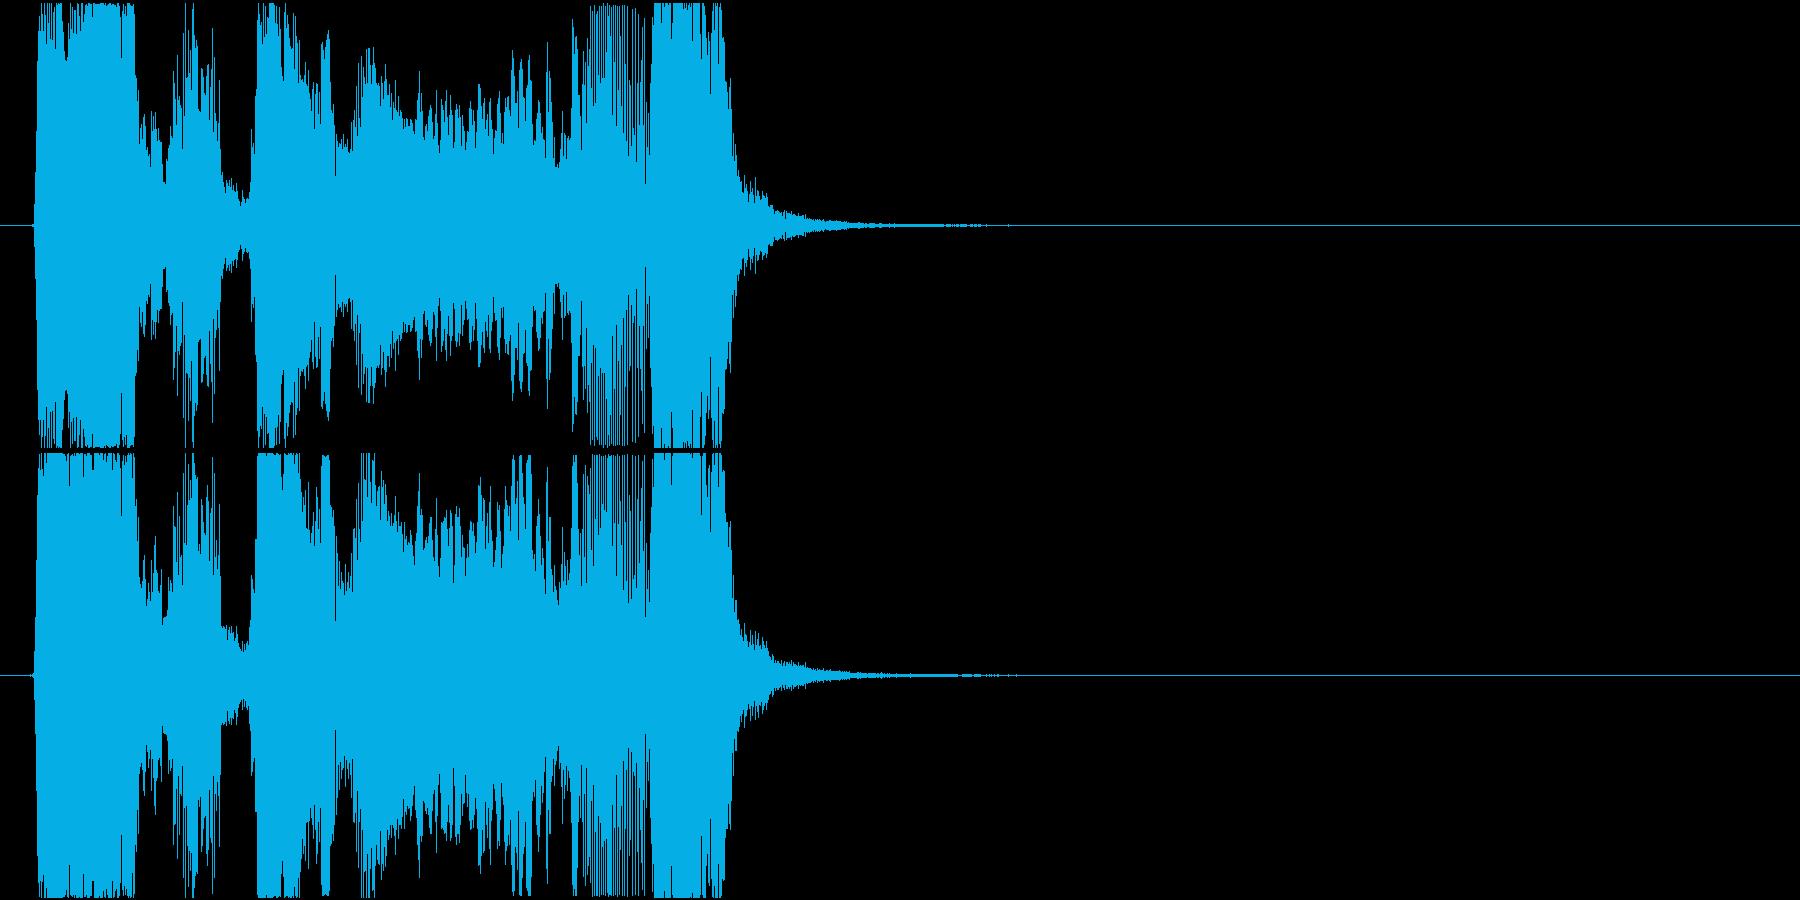 「ビッグボーナス」アプリ・ゲーム用の再生済みの波形